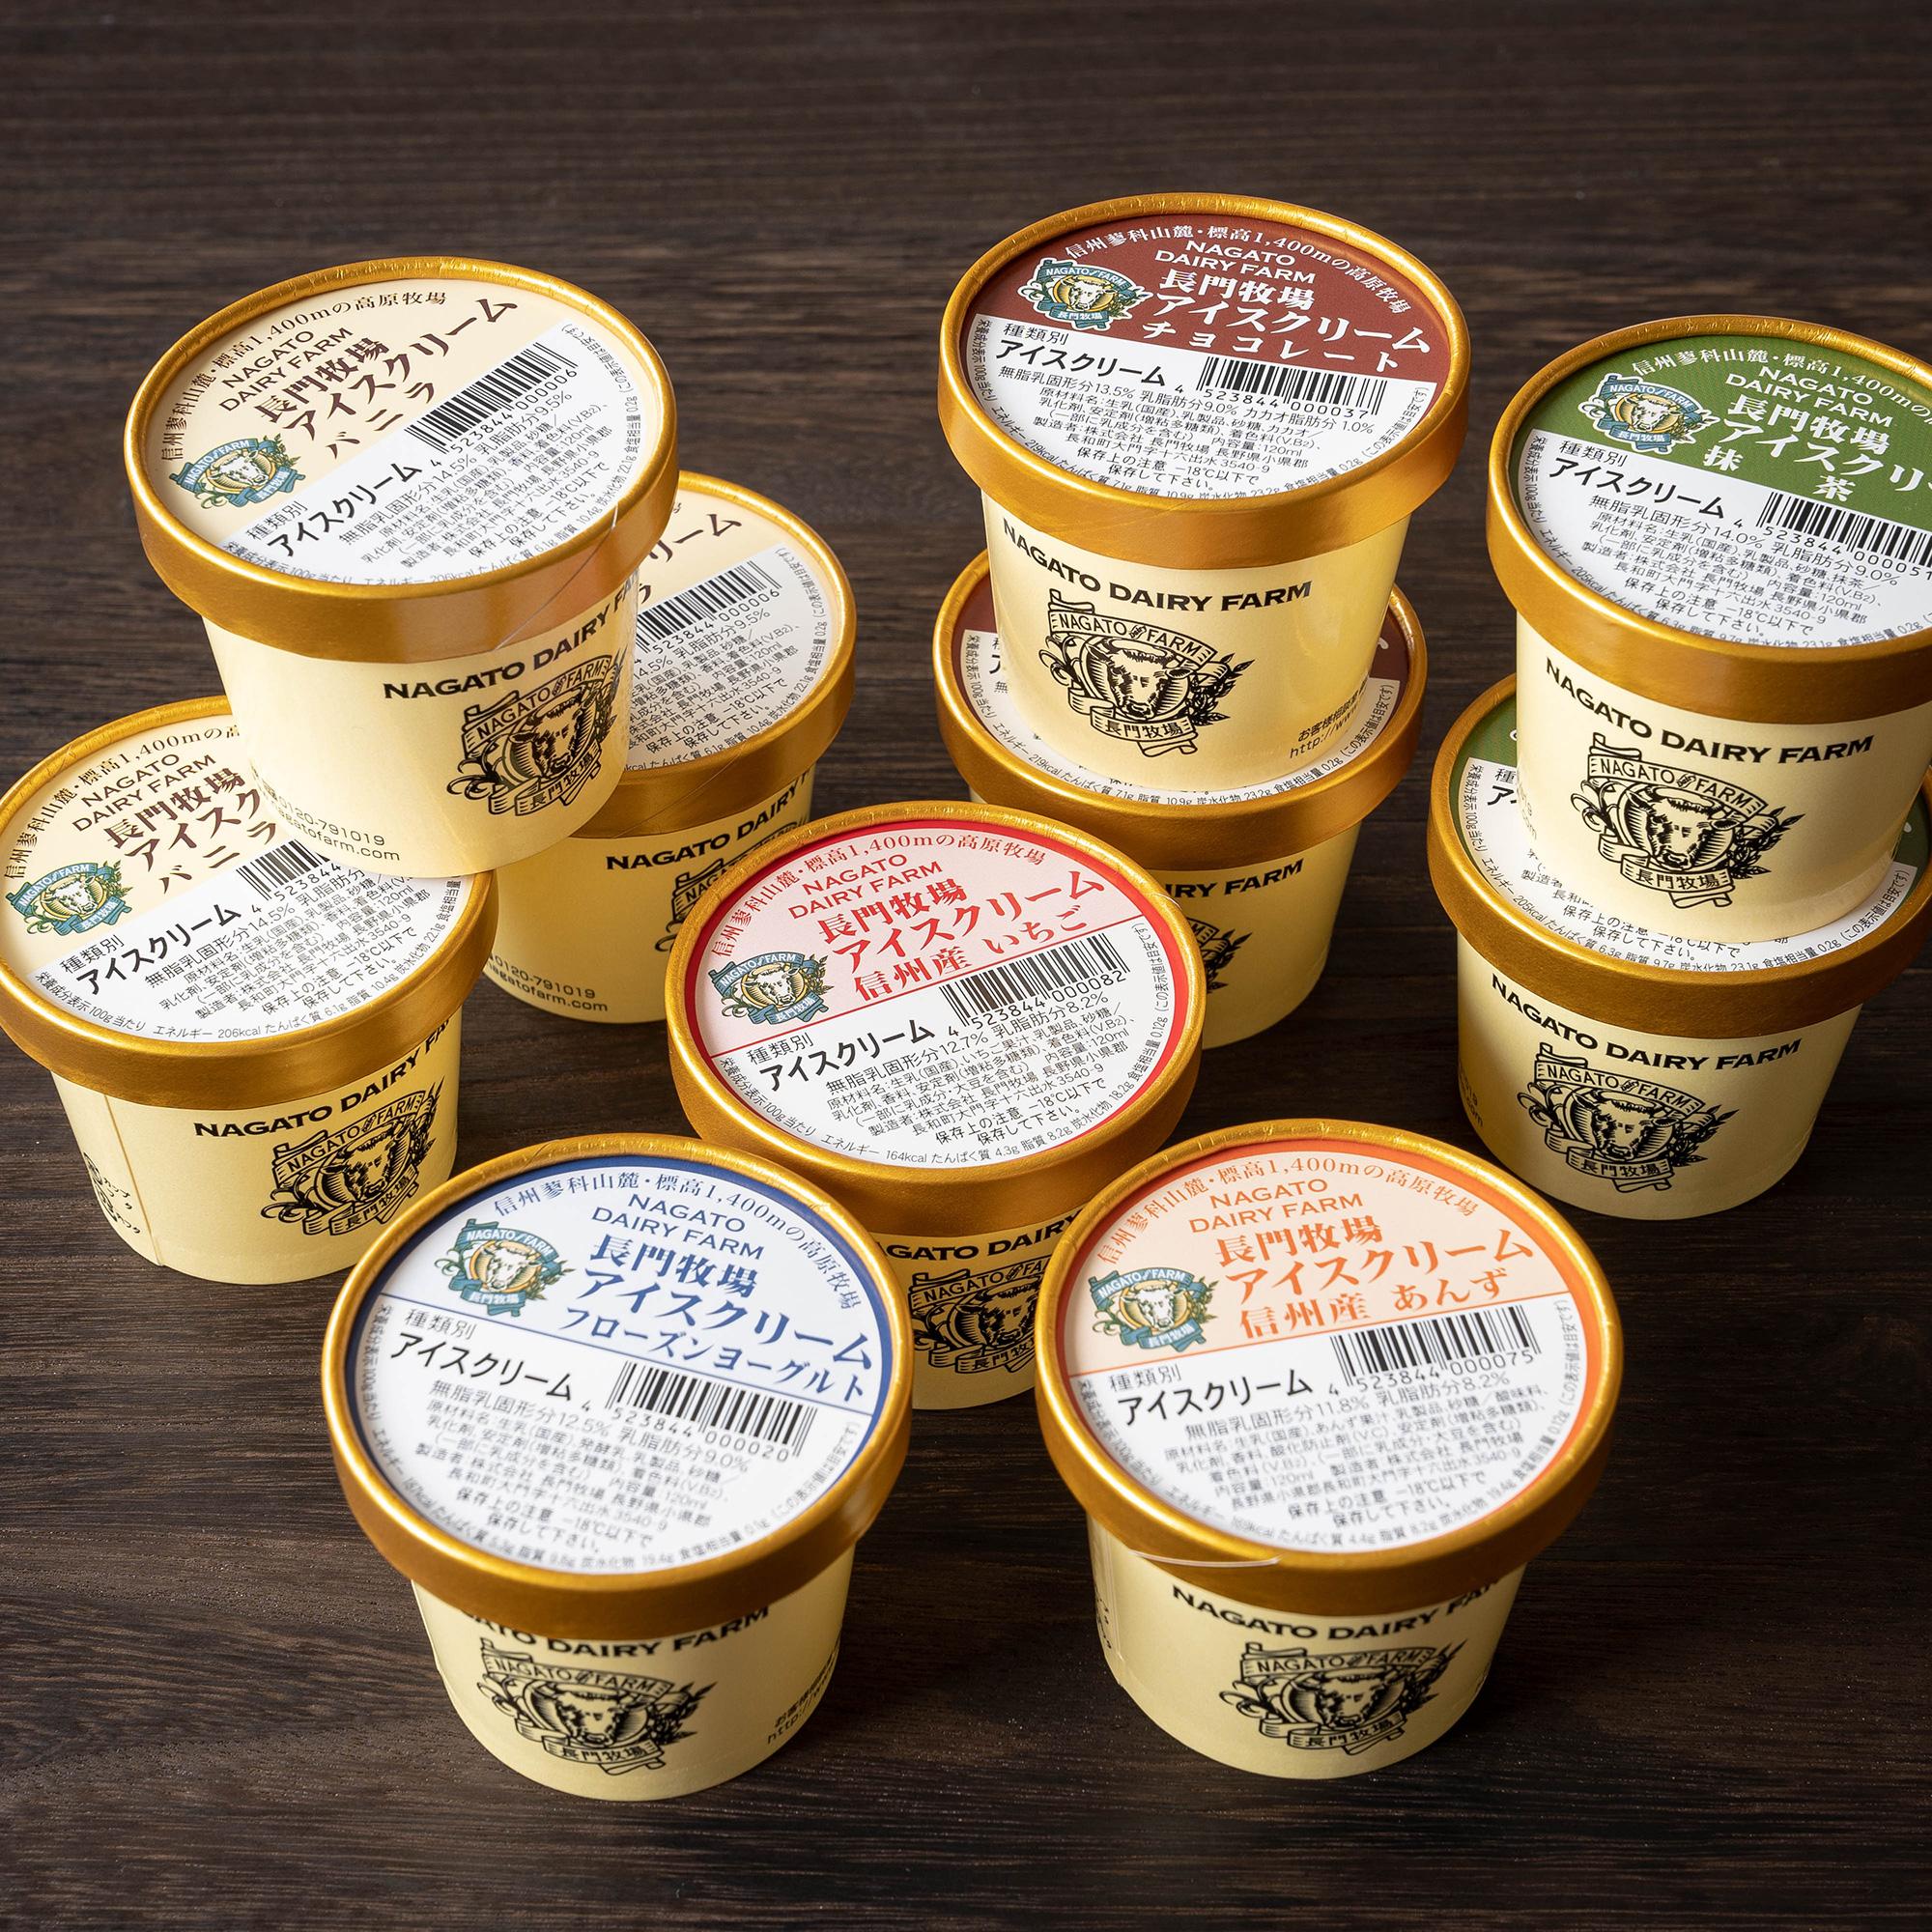 長門牧場アイスクリームセット(120ml×10個)【A-1】